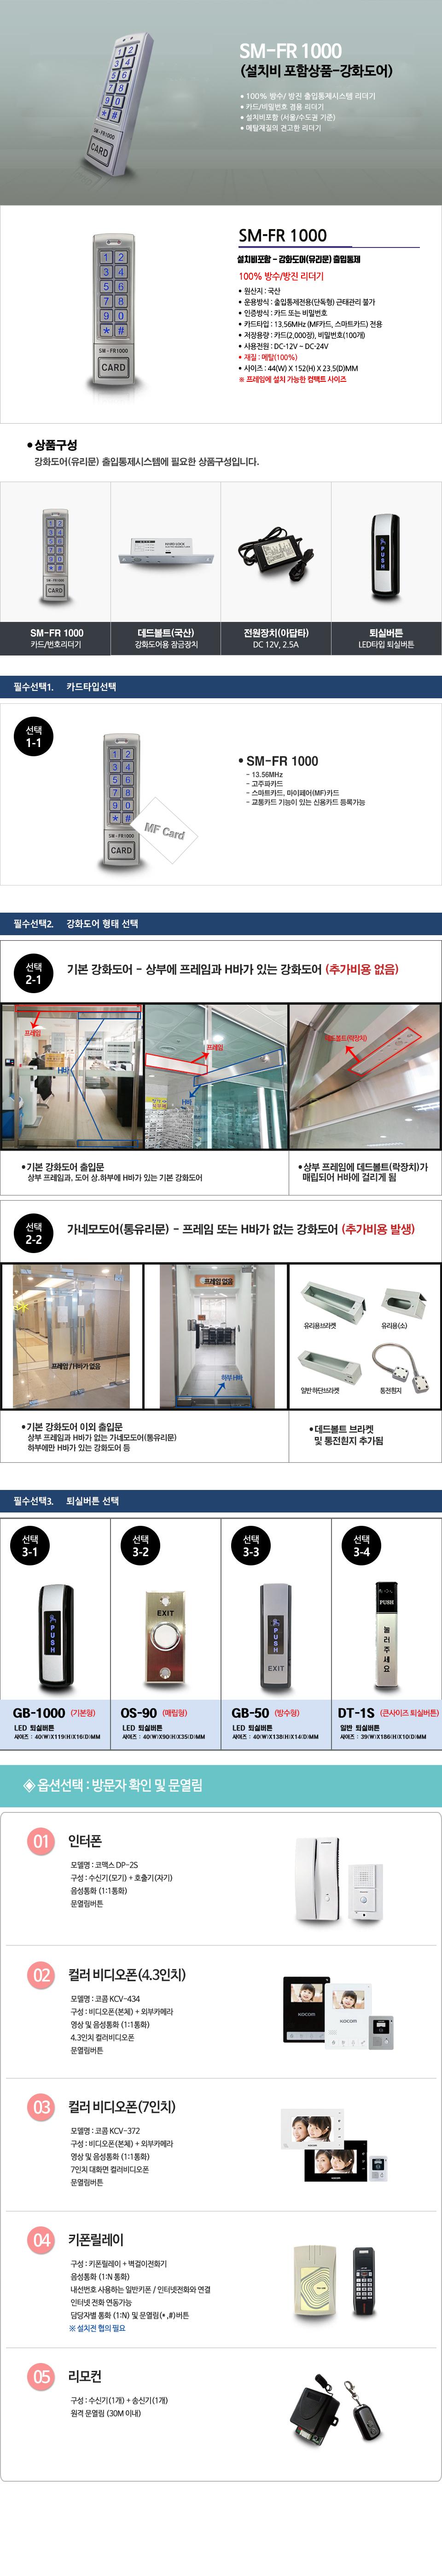 SM-FR1000설치비포함작업-강화도어.jpg